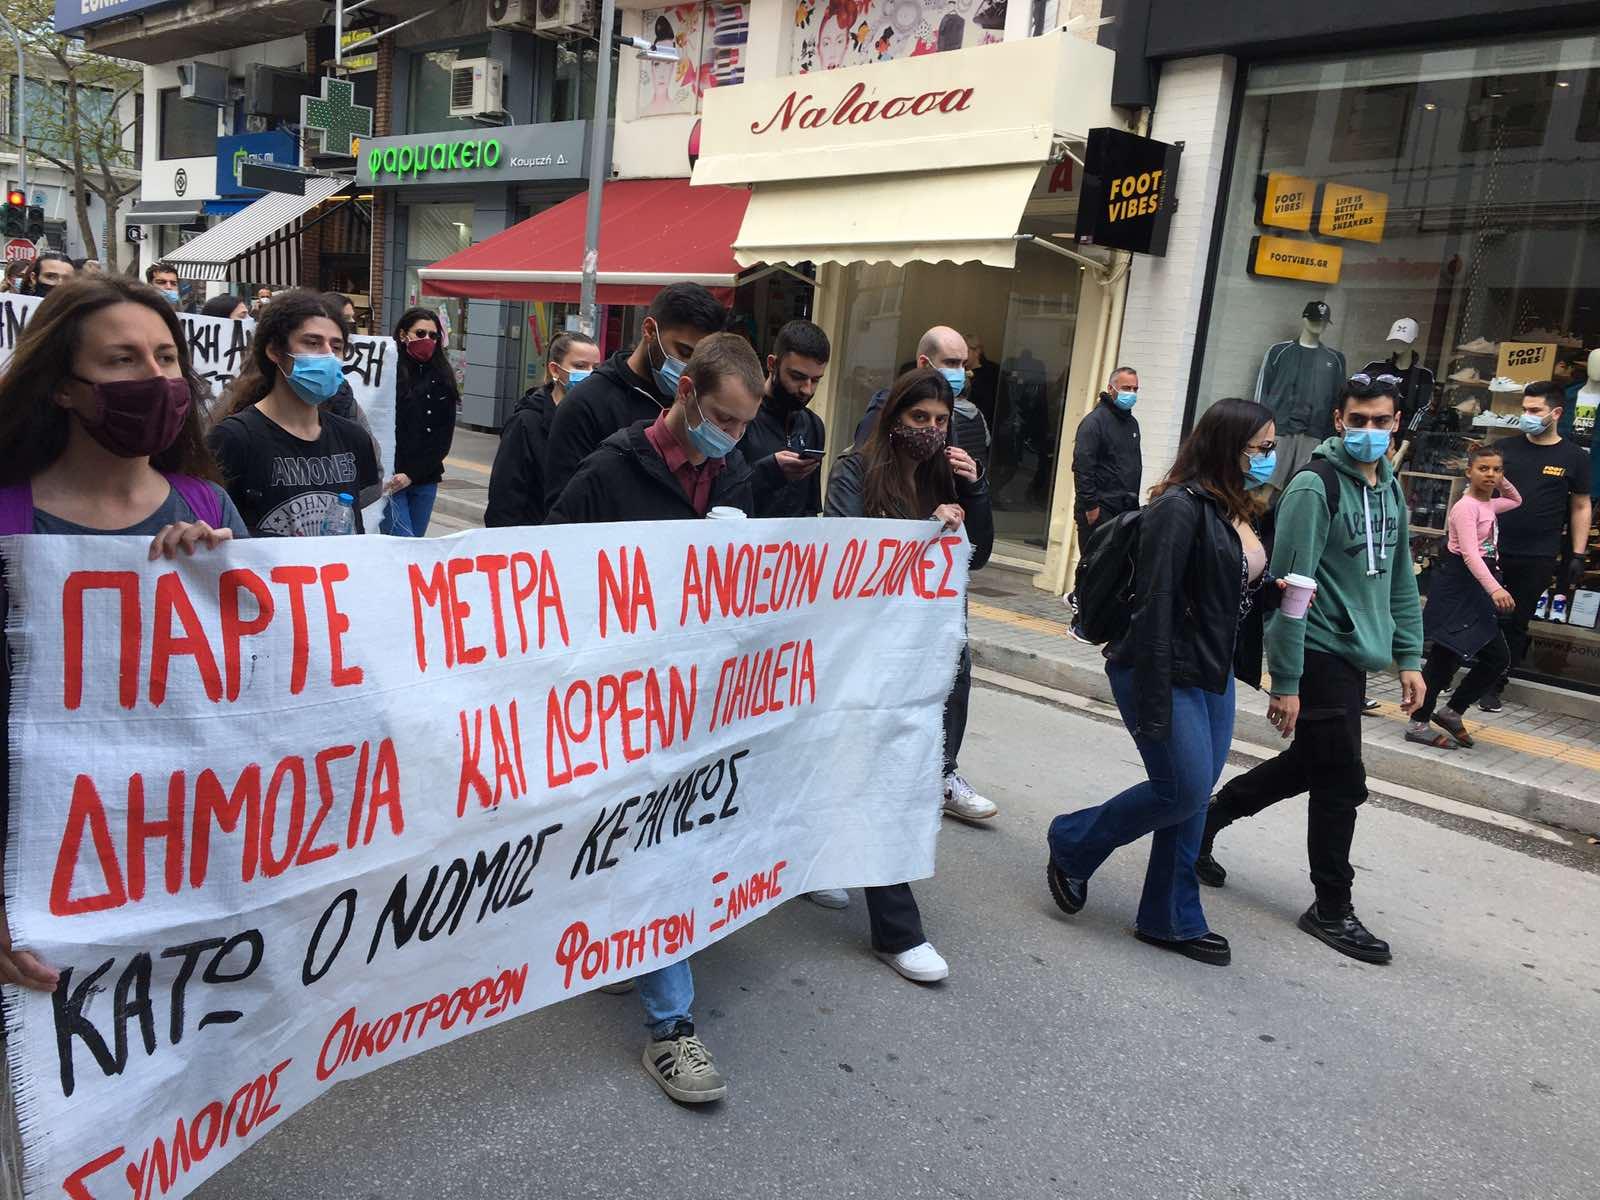 Νέα πορεία από φοιτητές στην Ξάνθη για την Παιδεία